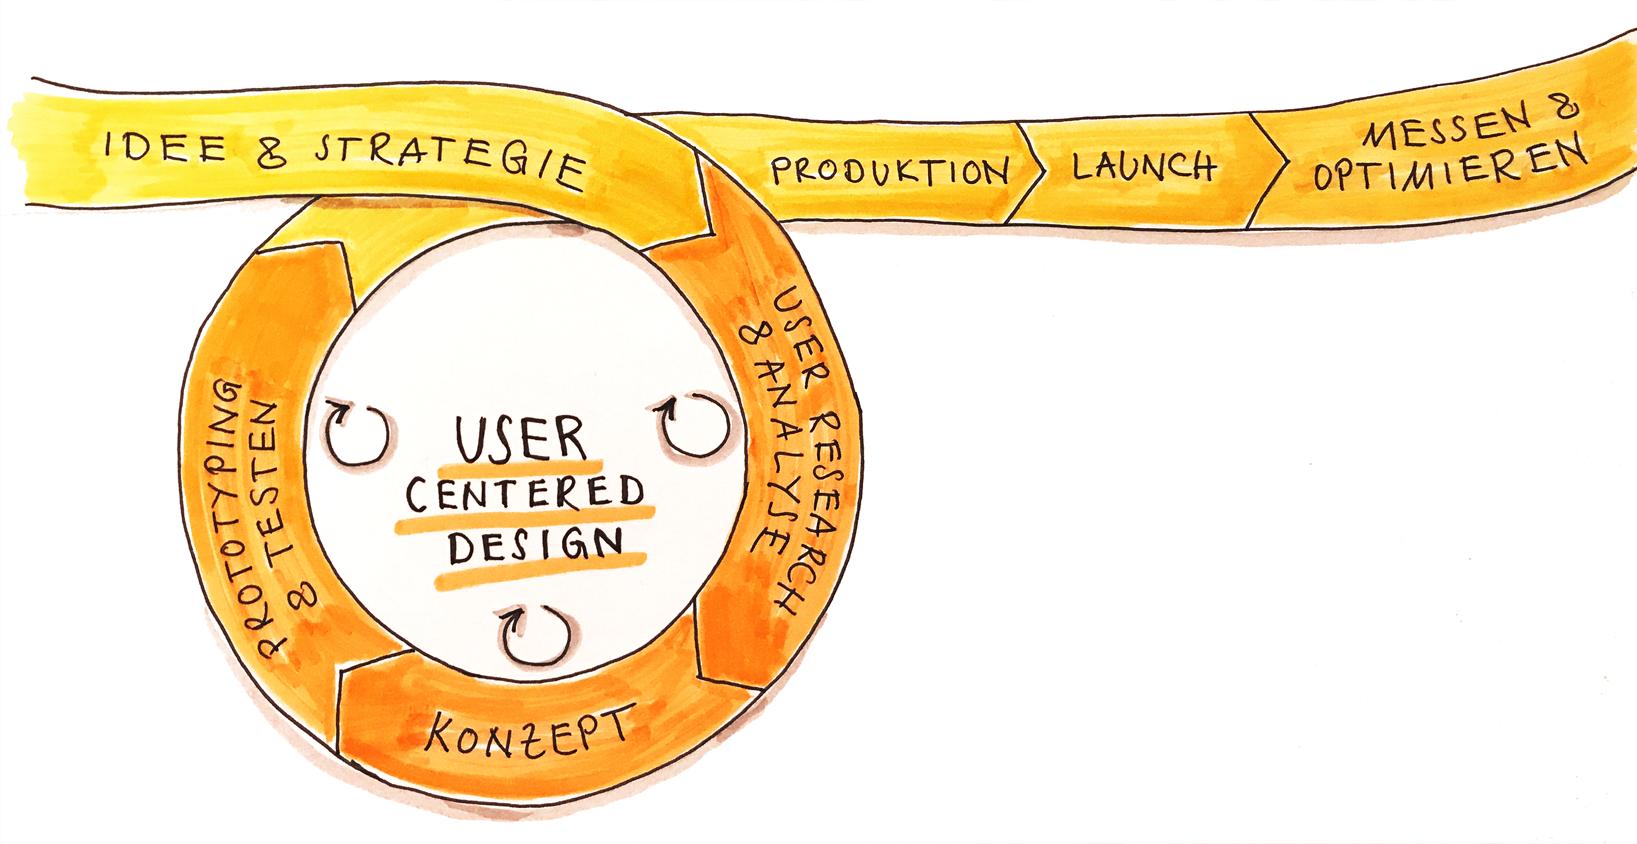 Prozessgrafik User-centered Design